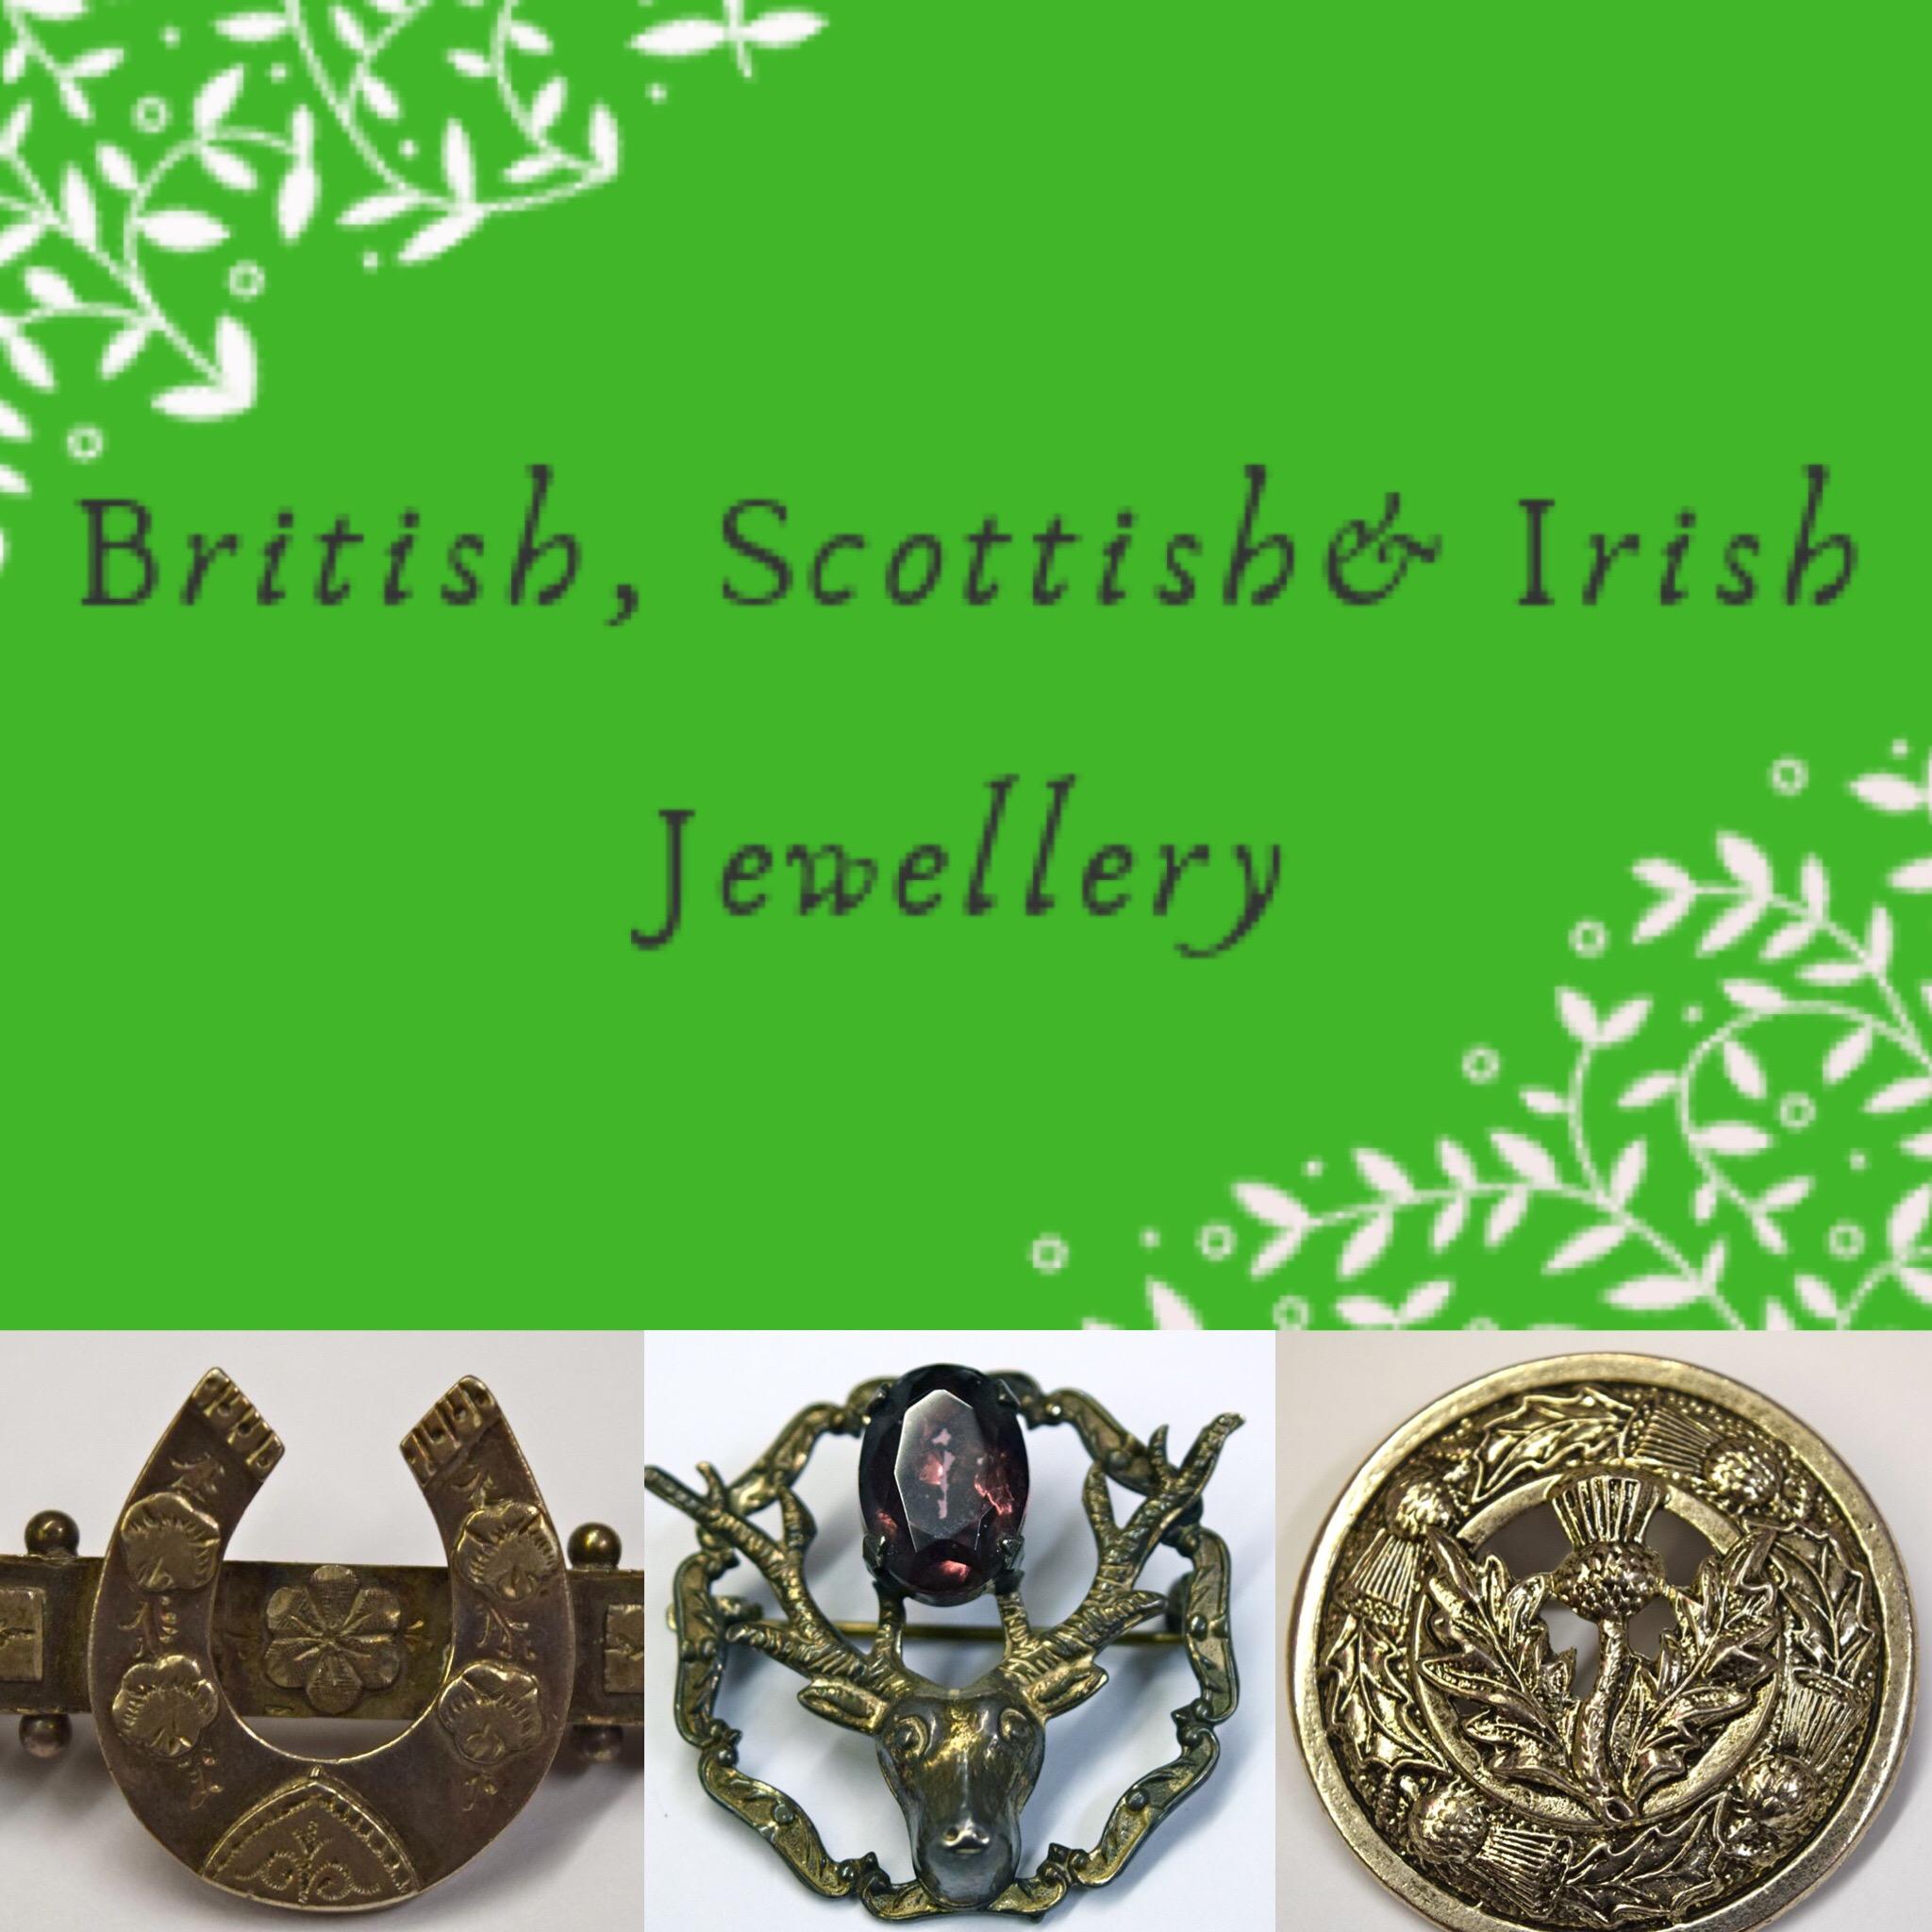 British, Scottish & Irish Jewellery